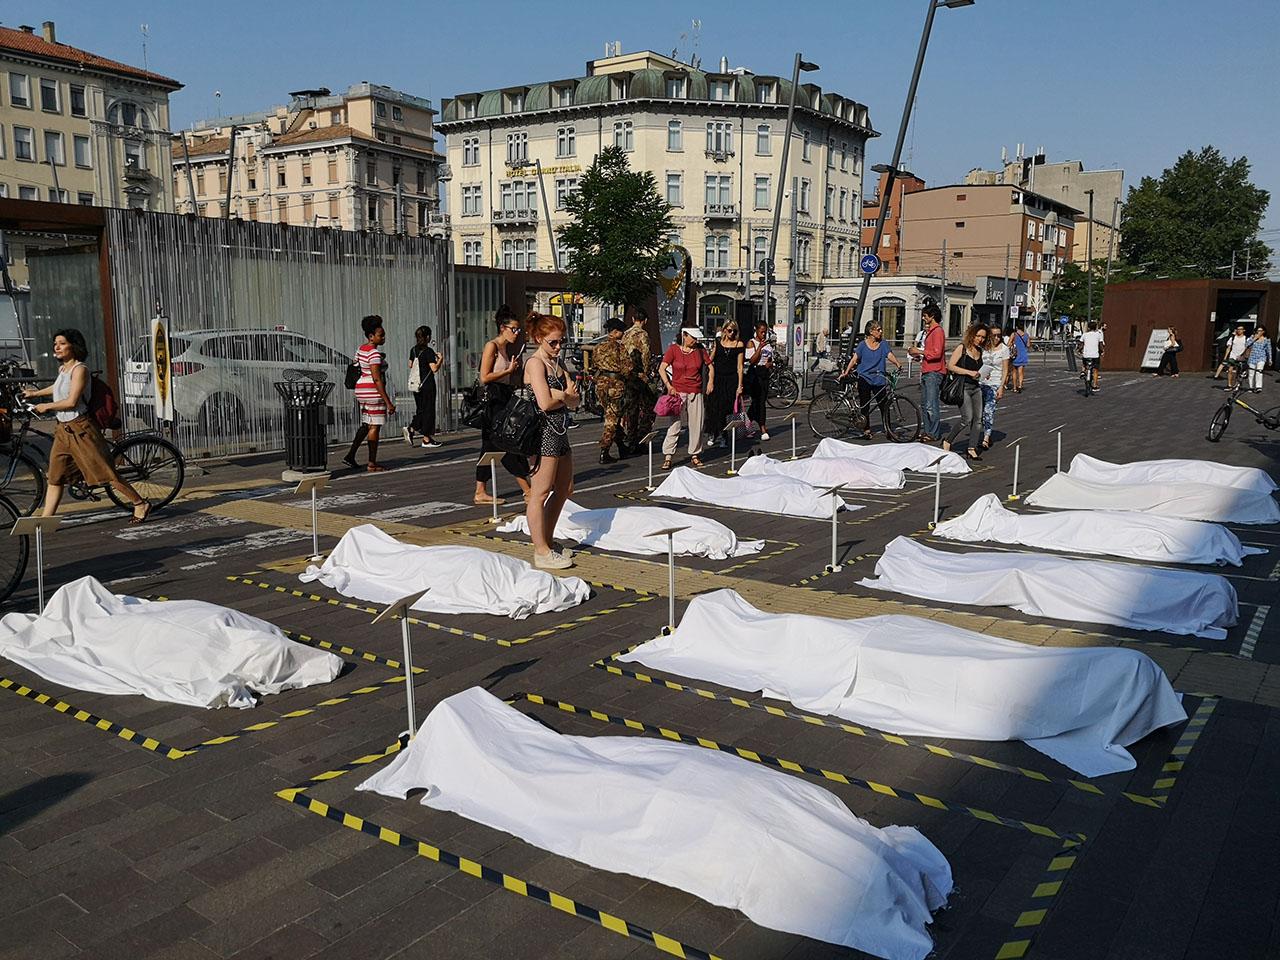 Le anime morte dei migranti alla stazione di Padova